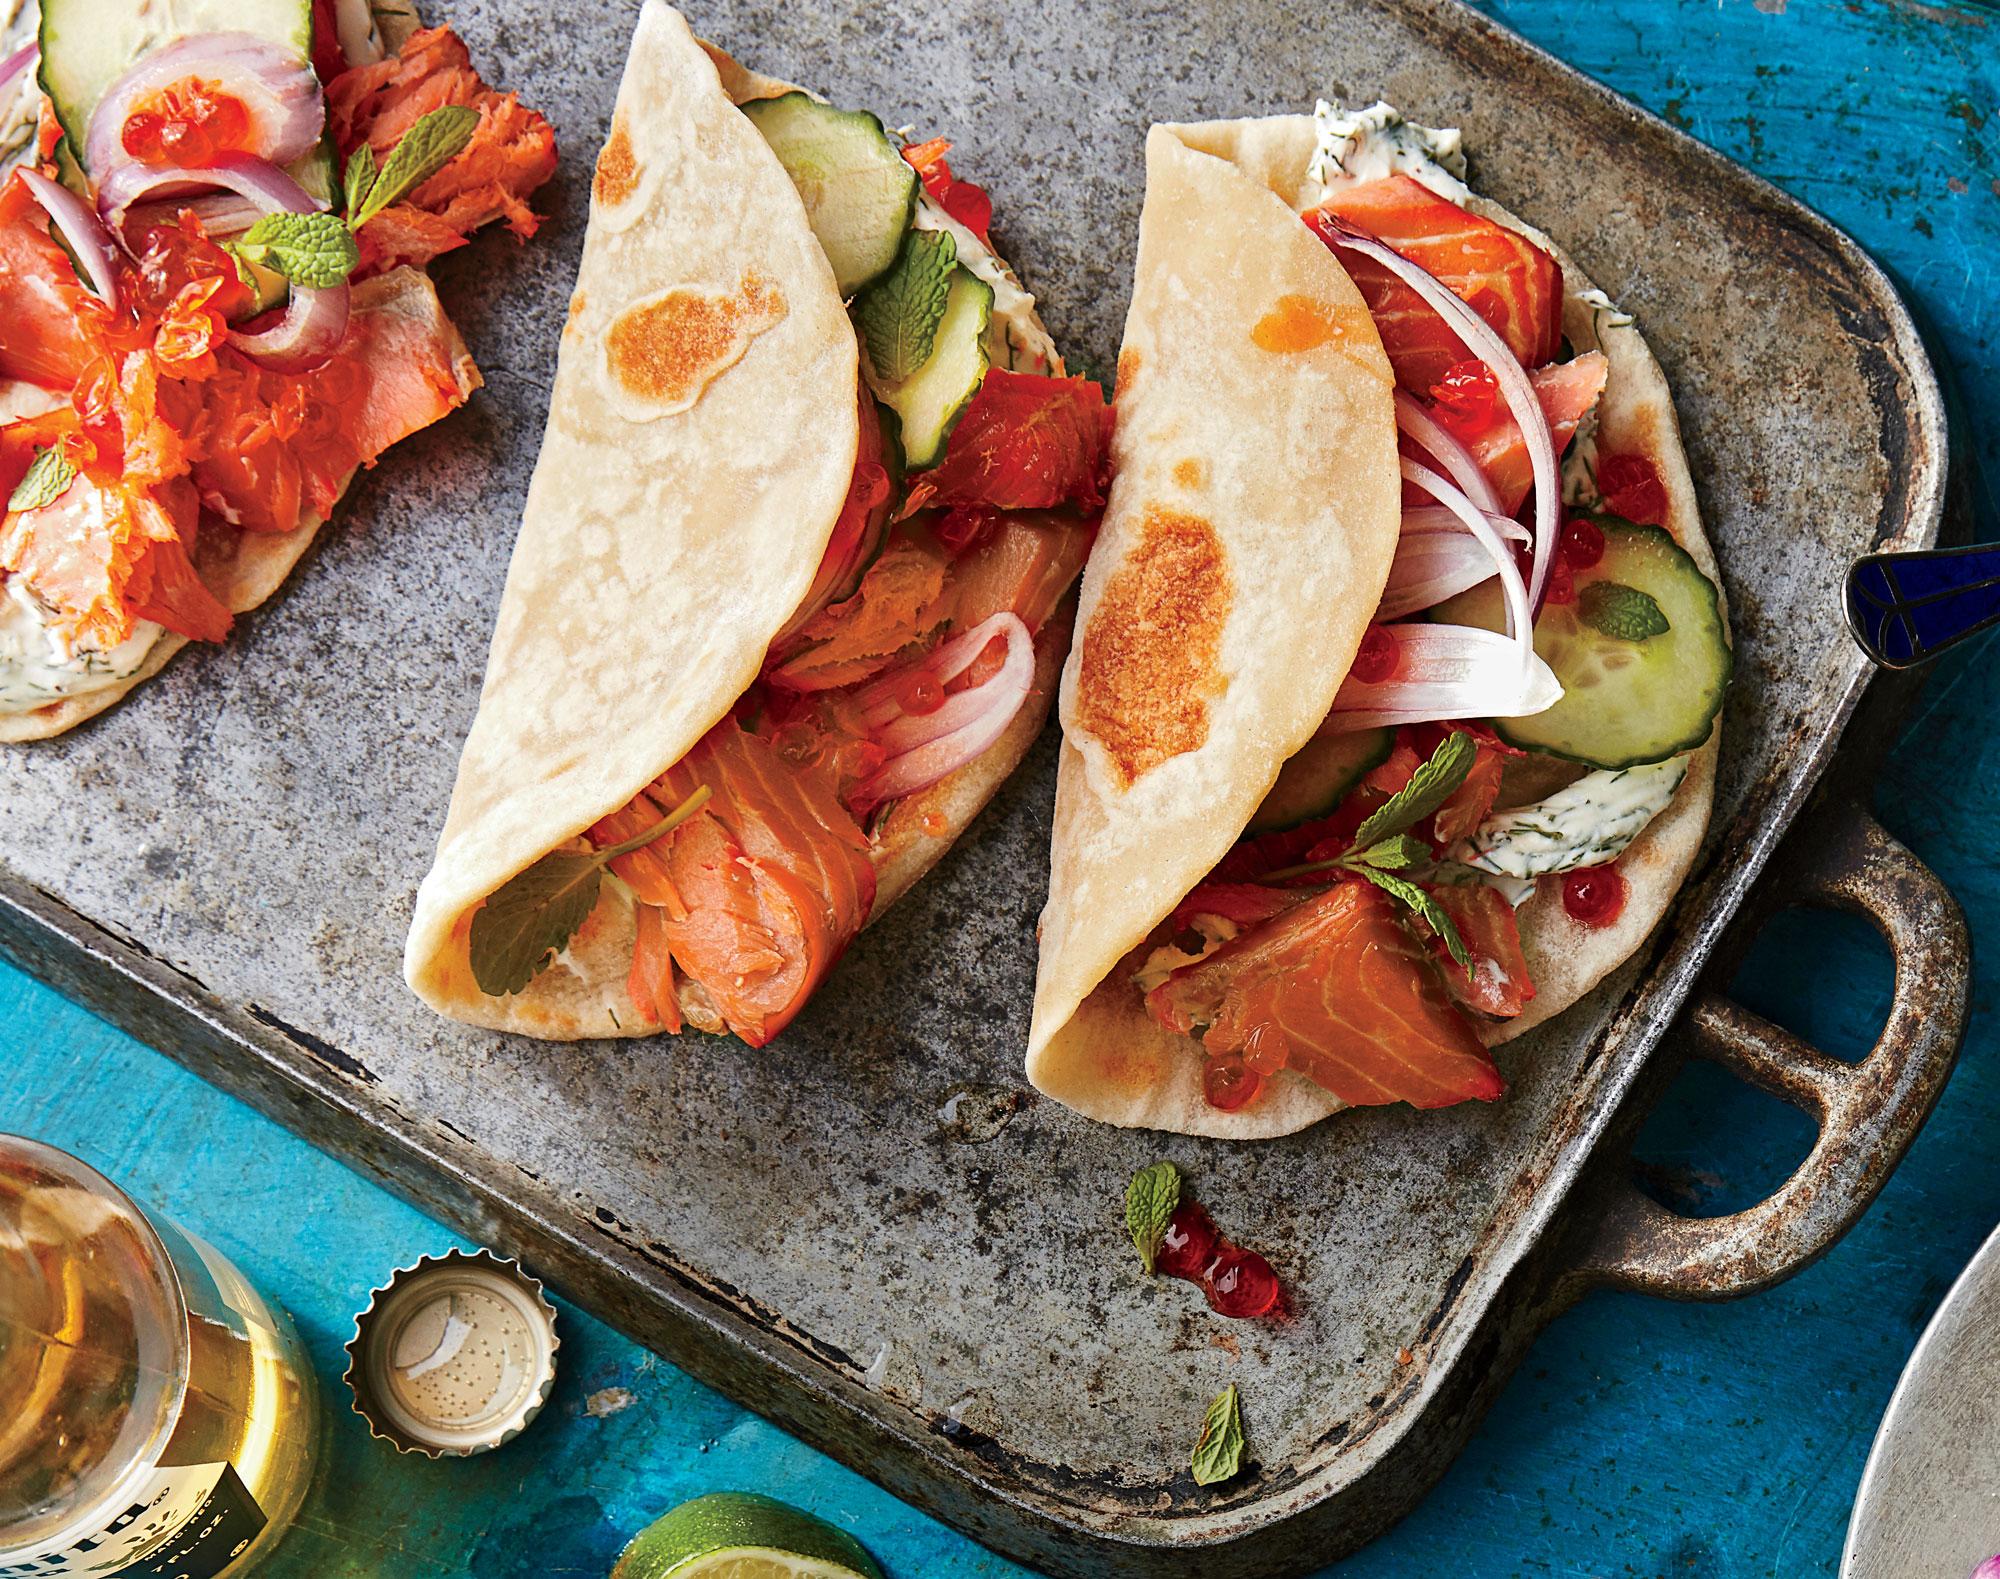 Tacos au saumon fumé du nord-ouest du Pacifique image